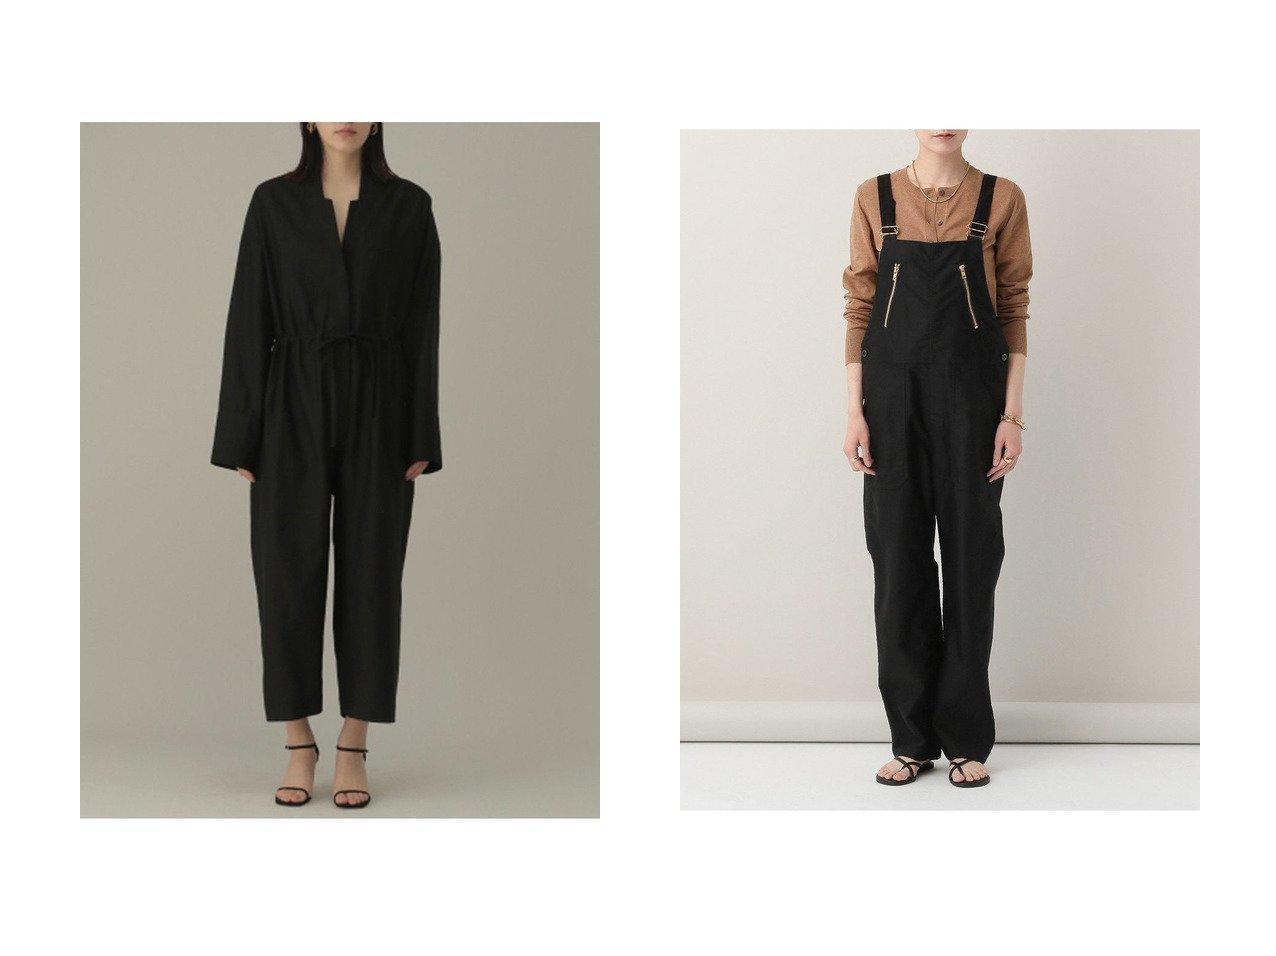 【Curensology/カレンソロジー】の【&RC】ワークオーバーオール&【Chaos/カオス】のCSノアーロコンビネゾン 【パンツ】おすすめ!人気、トレンド・レディースファッションの通販 おすすめで人気の流行・トレンド、ファッションの通販商品 インテリア・家具・メンズファッション・キッズファッション・レディースファッション・服の通販 founy(ファニー) https://founy.com/ ファッション Fashion レディースファッション WOMEN パンツ Pants オーガンジー シルク スーツ ワッシャー インナー カットソー カーディガン サテン シンプル テーパード ワーク ヴィンテージ 定番 Standard  ID:crp329100000051191